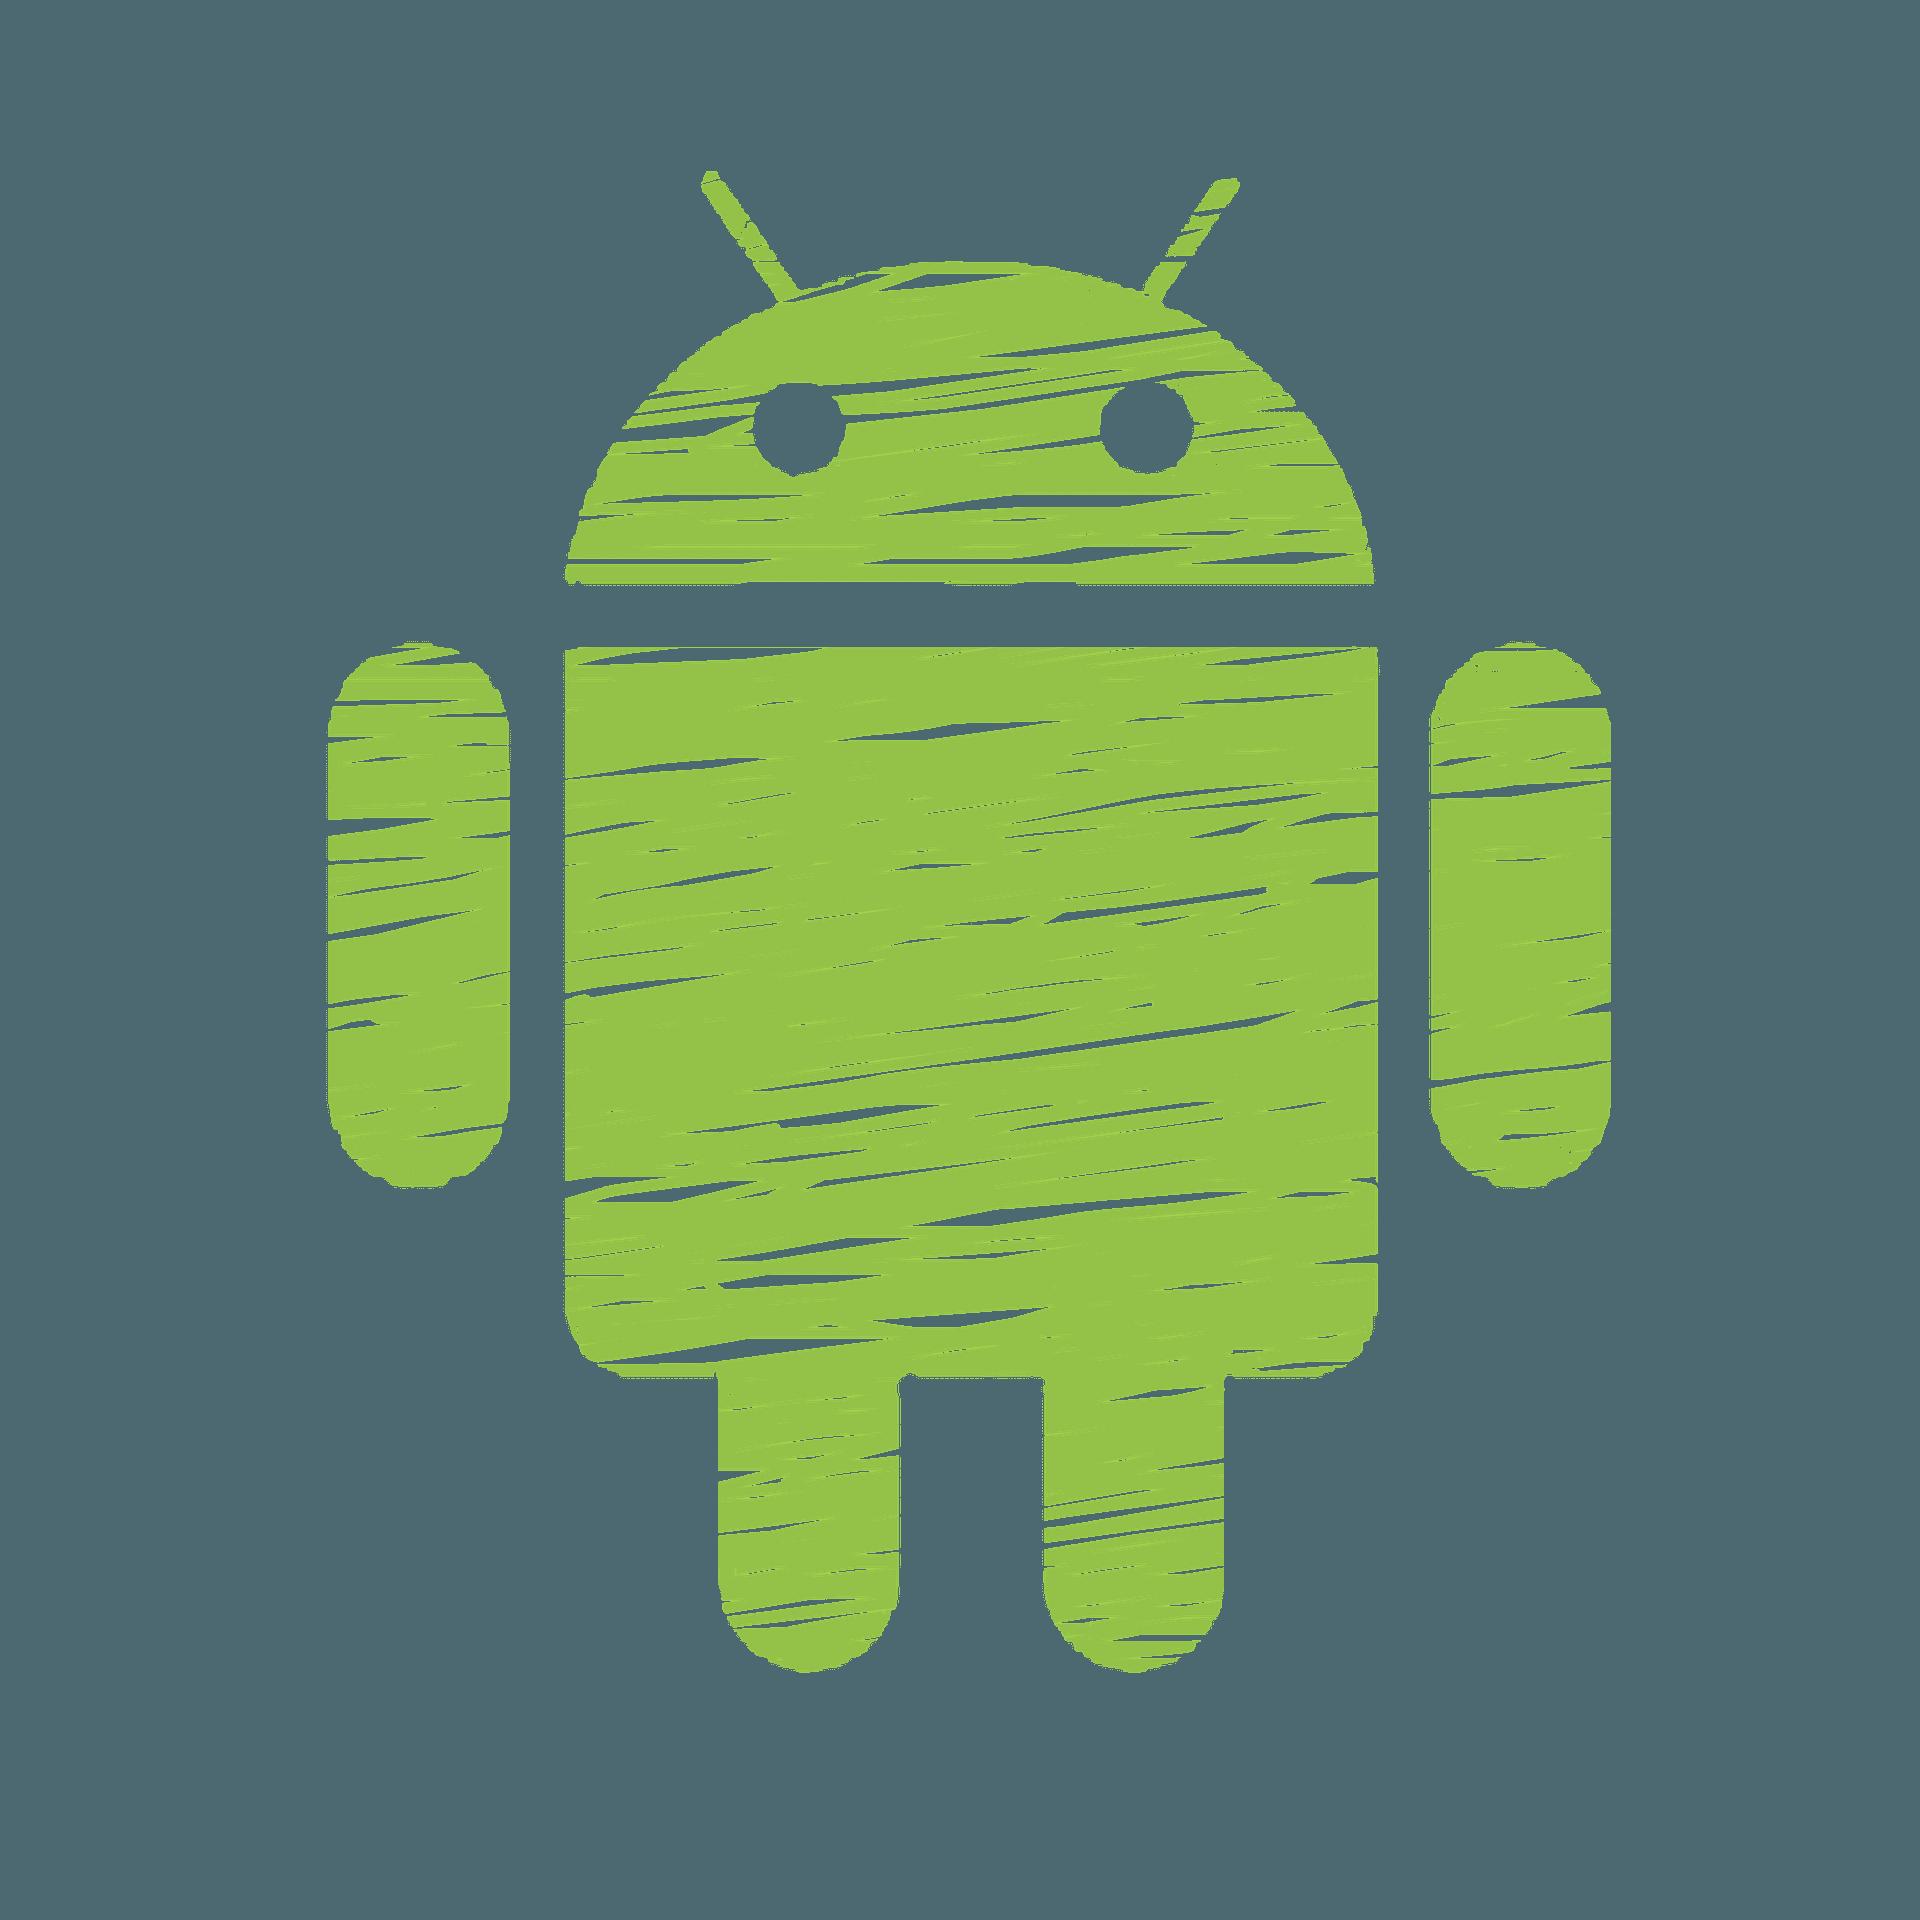 Android 9.0 Pie - nowości, kiedy aktualizacja, na jakie smartfony?